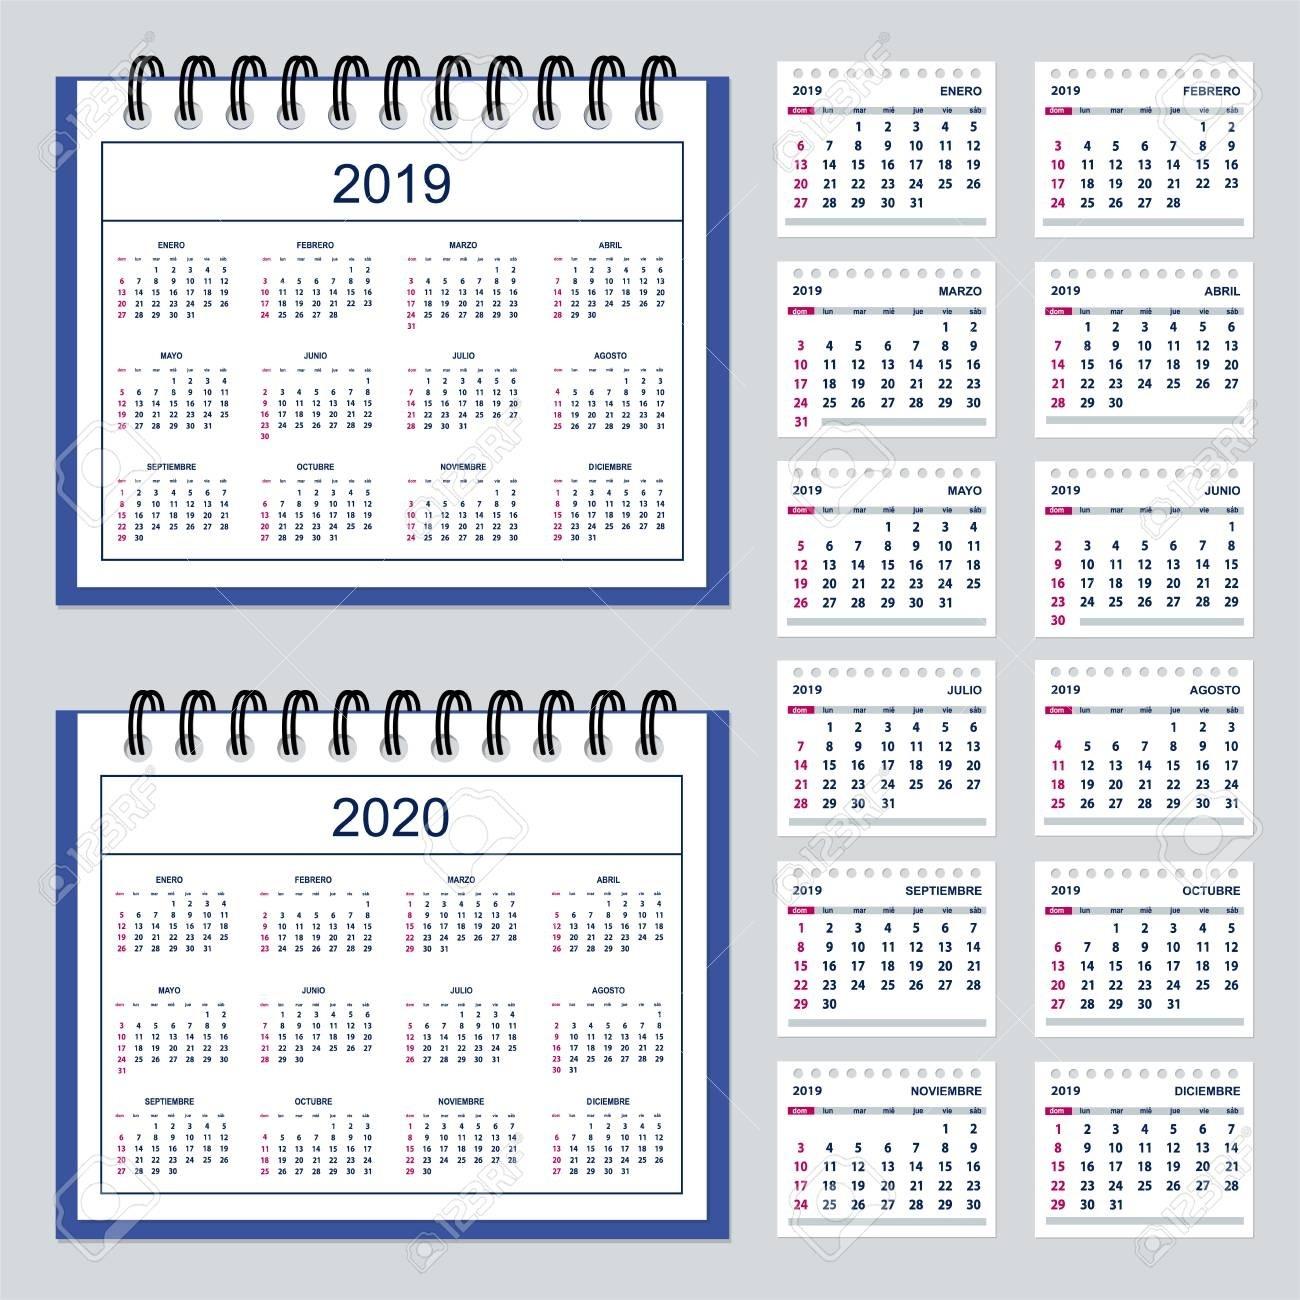 Financial Year Calendar 2020 - Akali  Fin Year 18-19